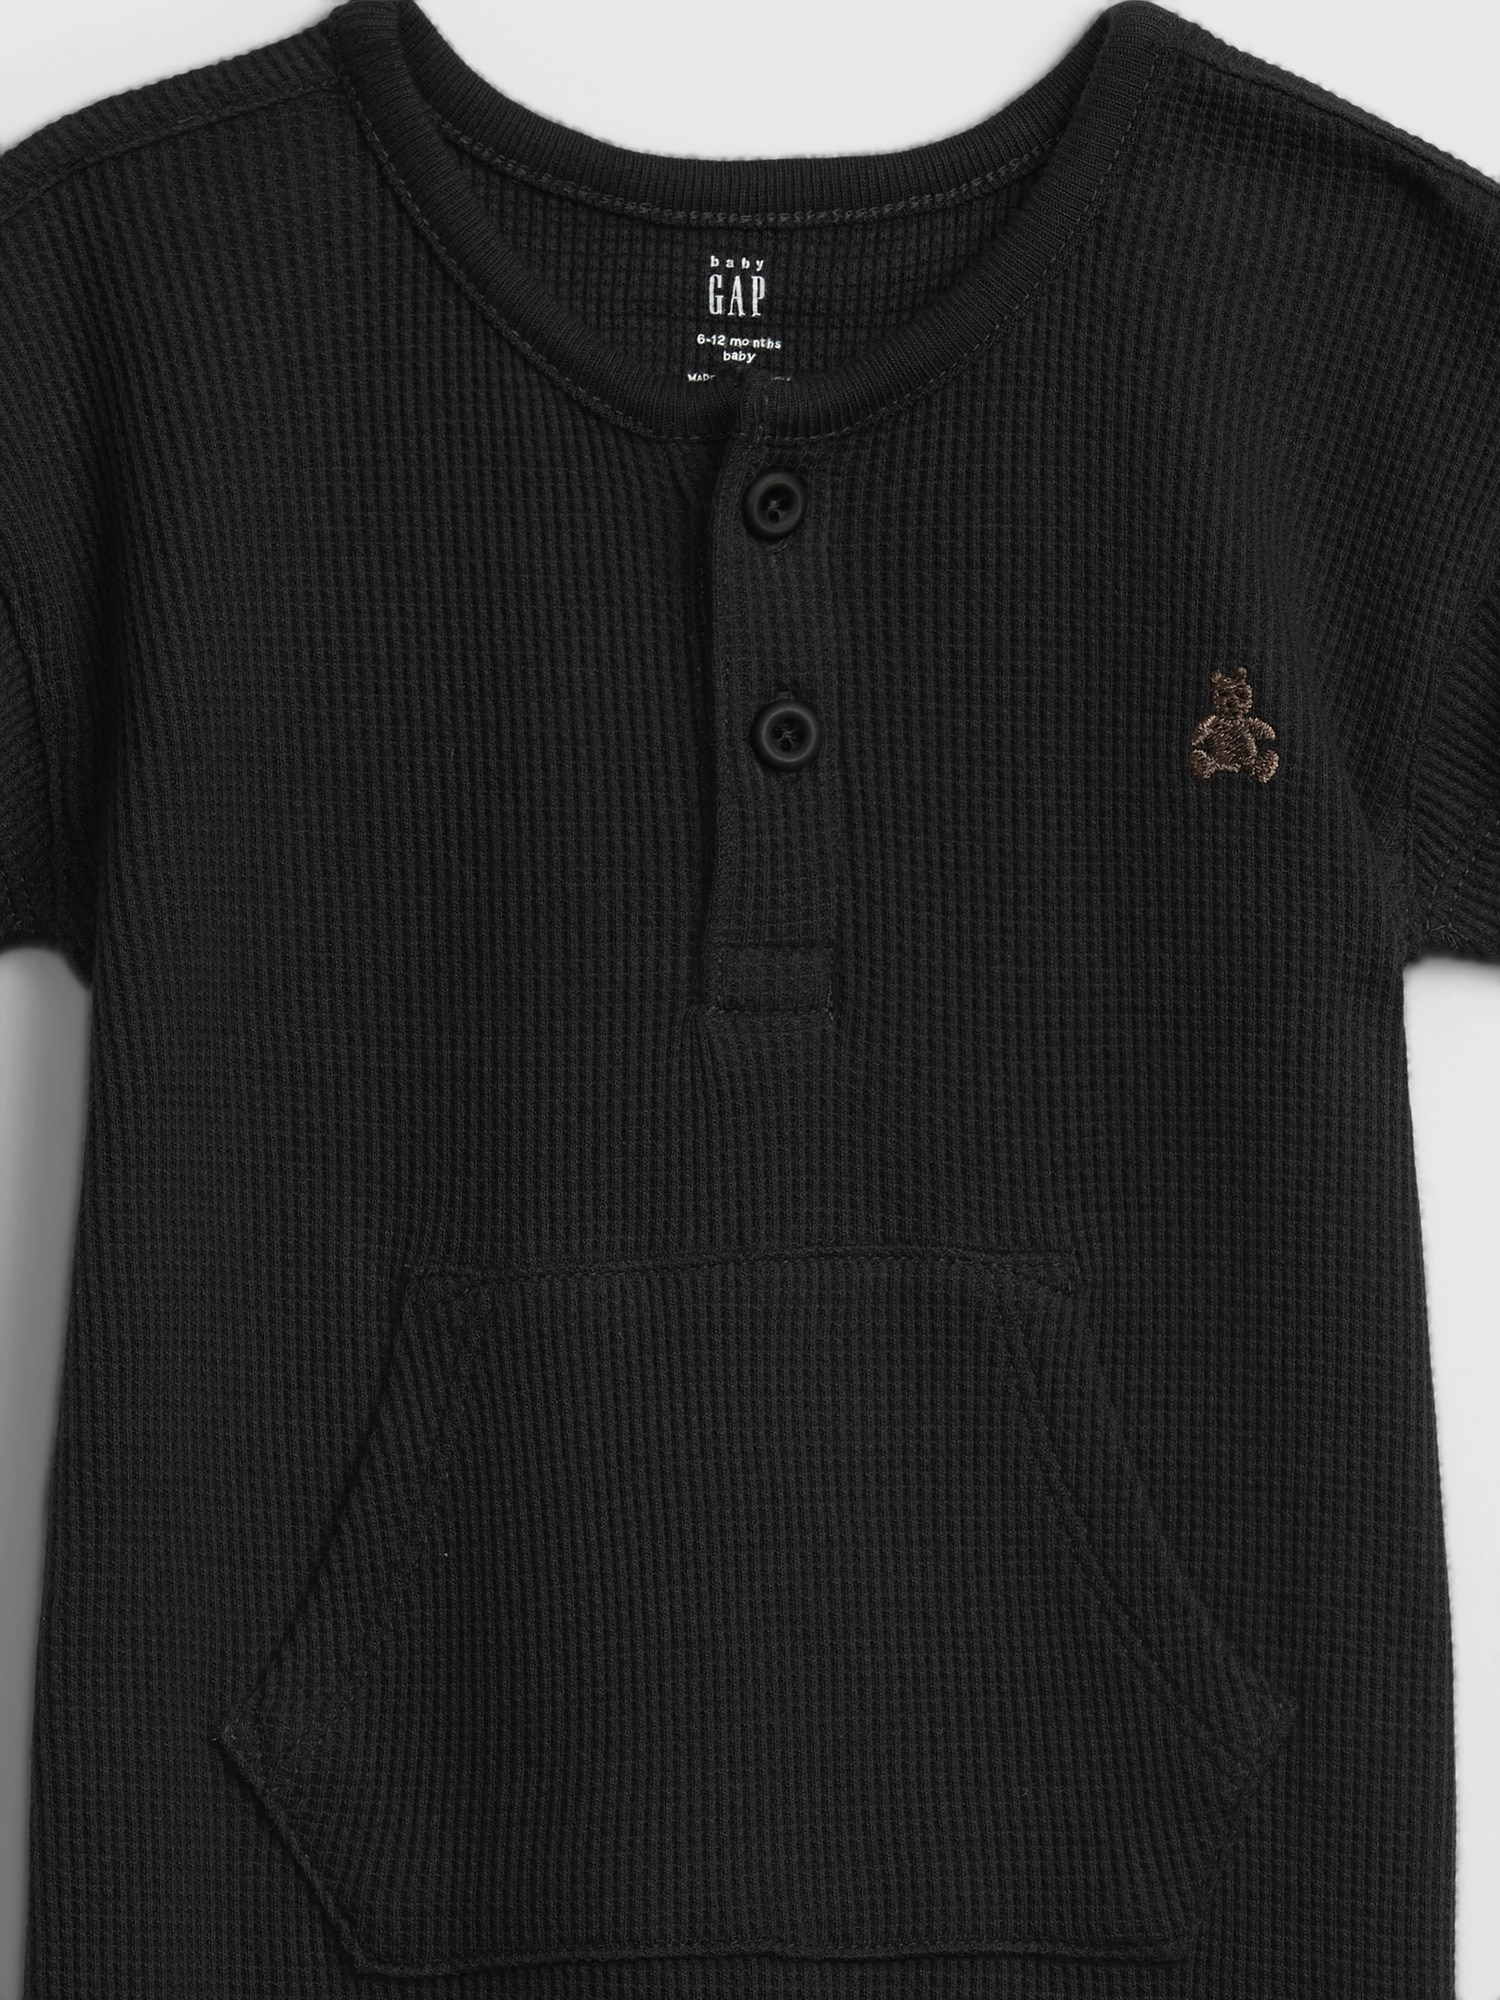 GAP Maglietta bambino nero 1pc